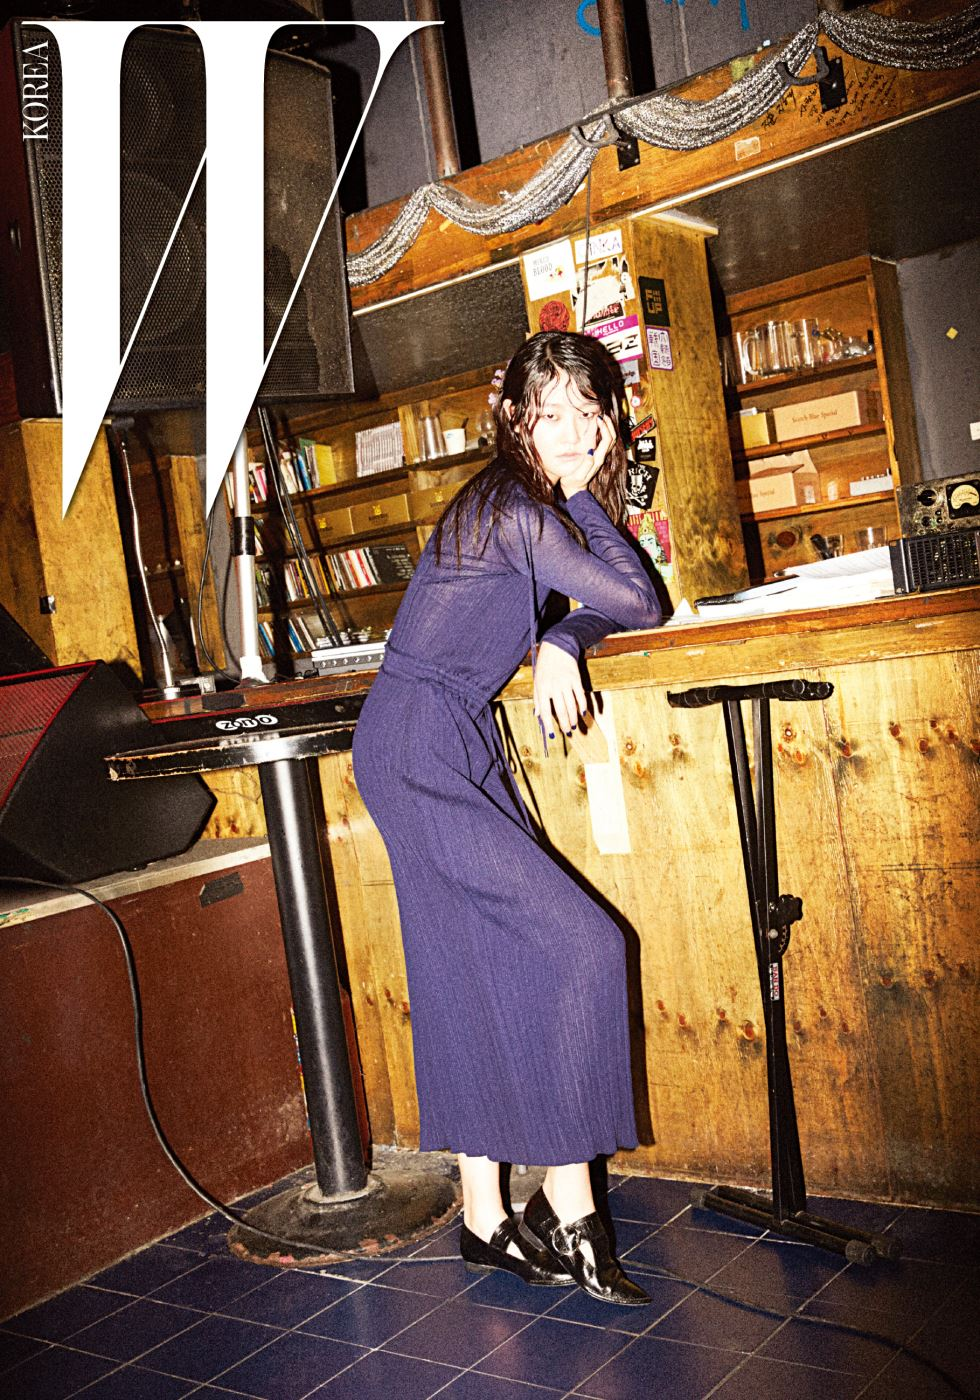 몸의 선을 아름답게 드러내는 니트 소재 롱 드레스와 버클 장식 슈즈는 Obzee 제품.